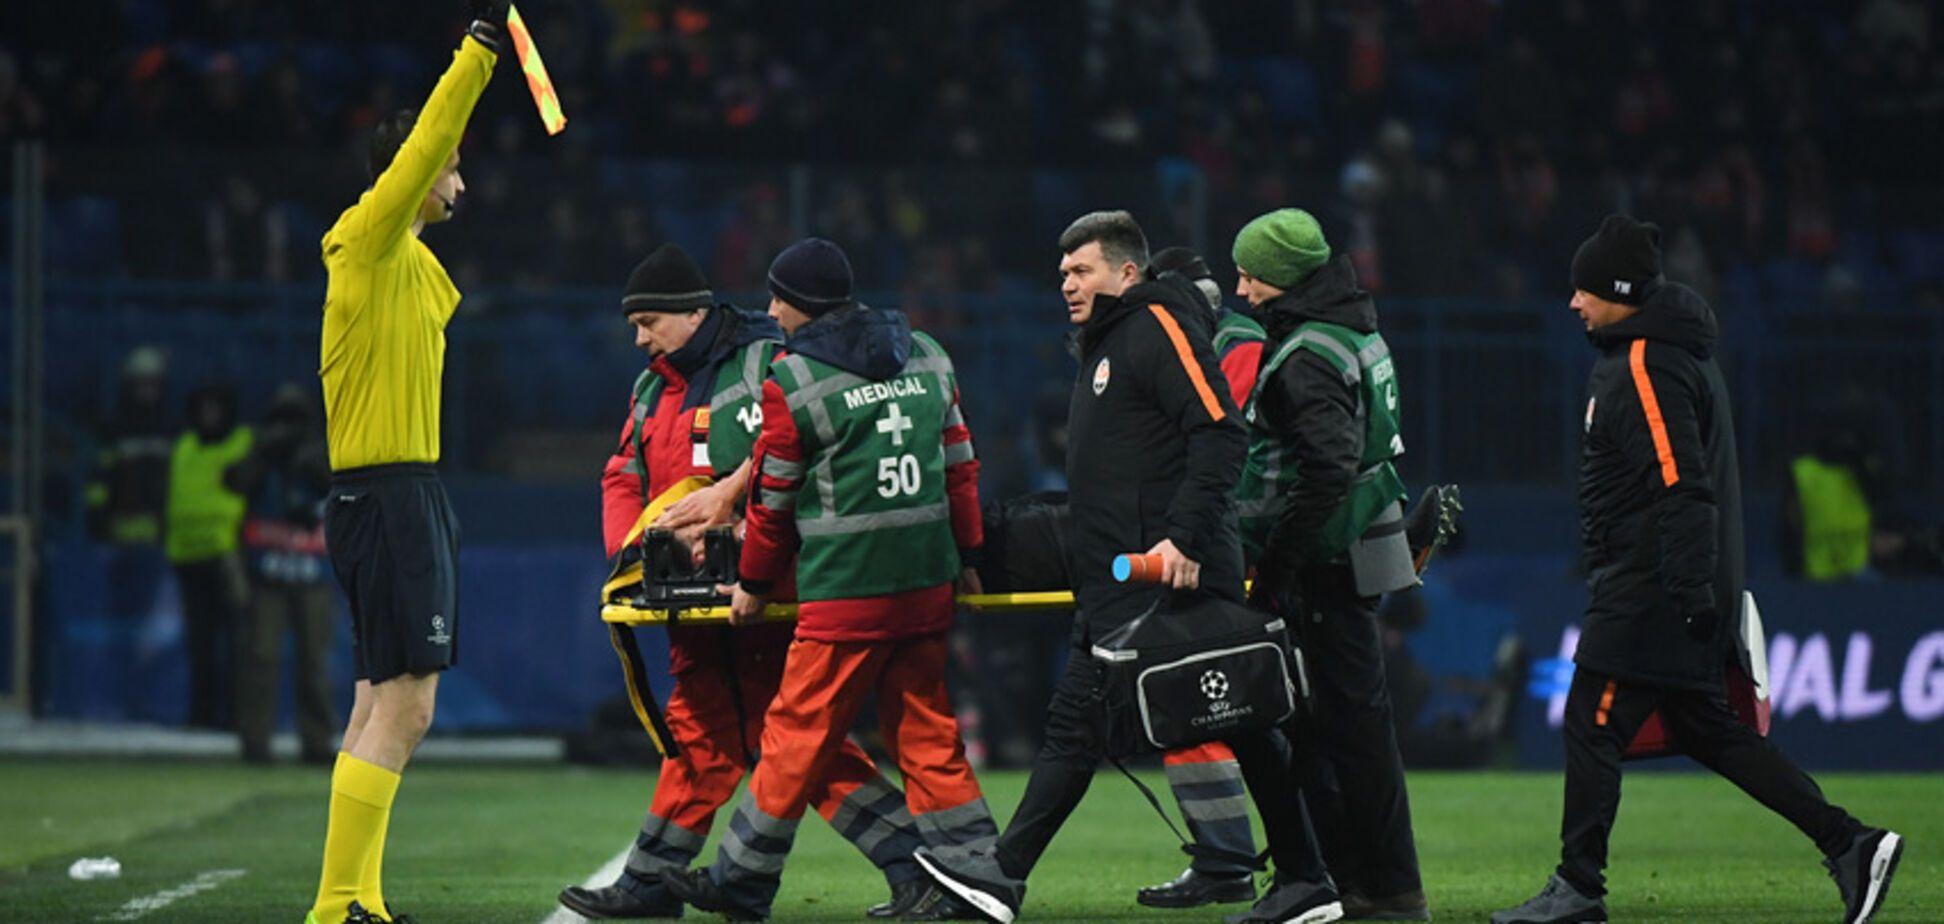 Футболіст збірної України отримав важку травму в матчі Ліги чемпіонів: з'явилися подробиці